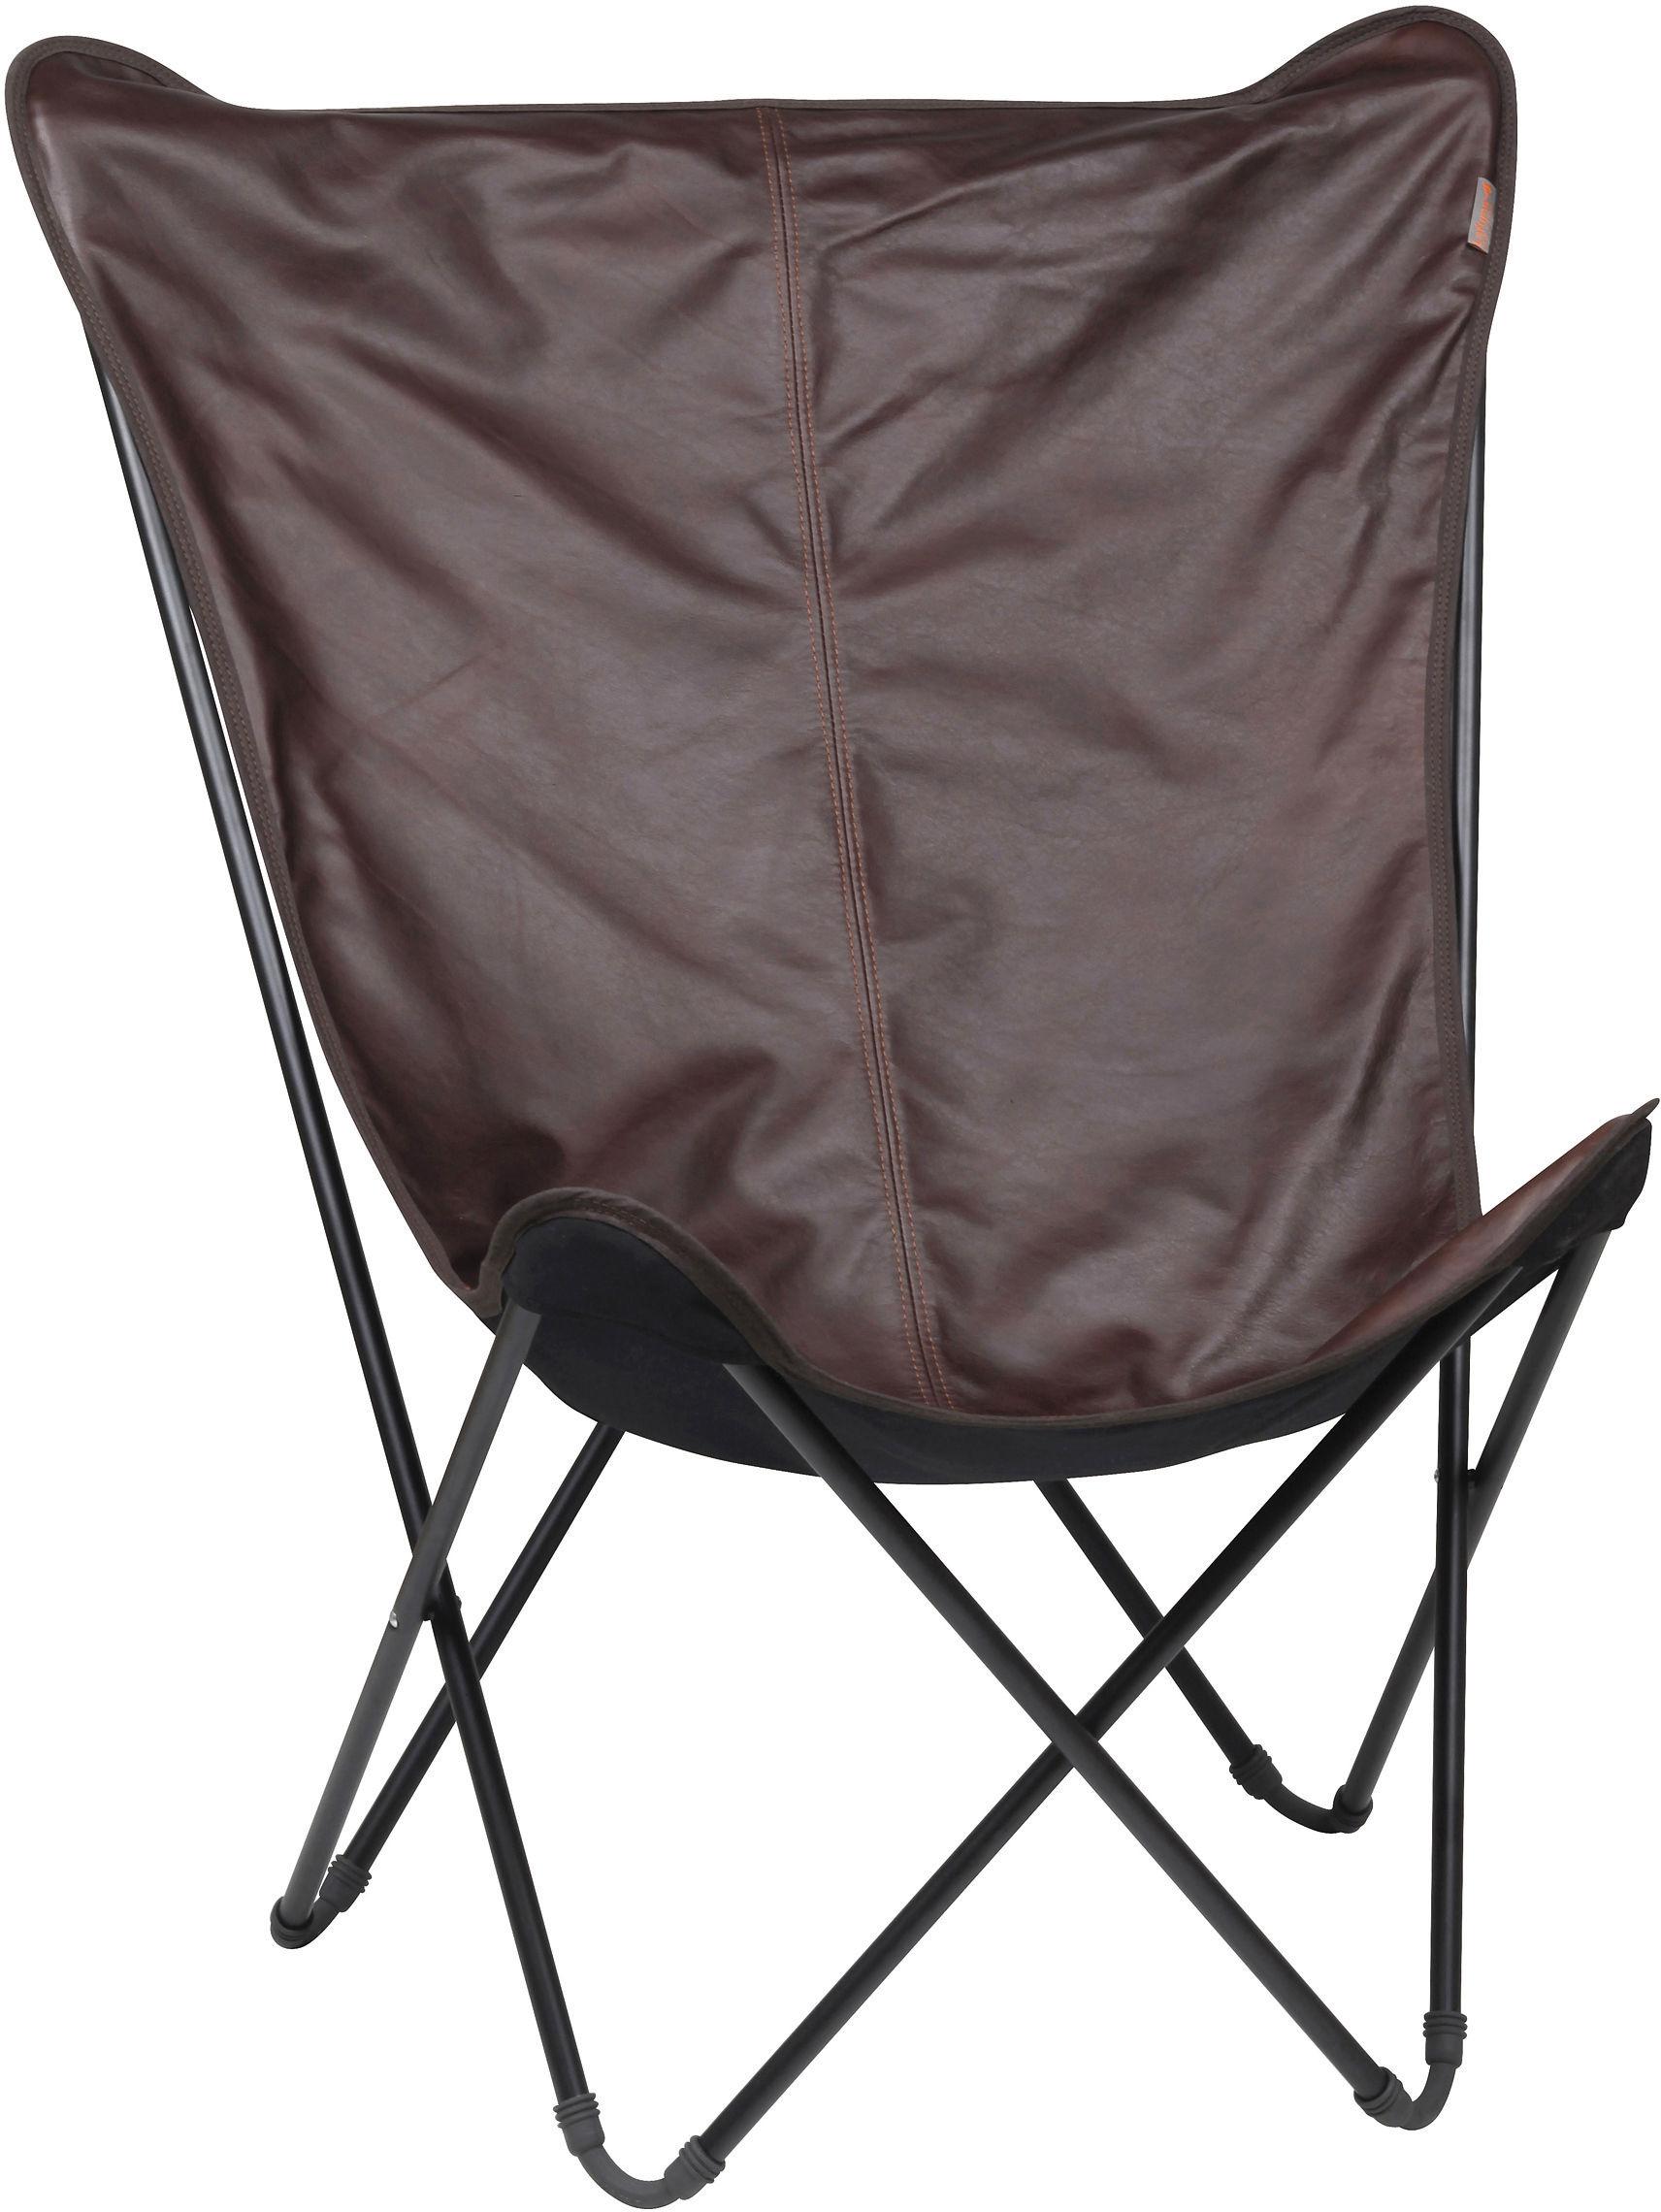 fauteuil maxi pop up pliable edition sp ciale en cuir. Black Bedroom Furniture Sets. Home Design Ideas